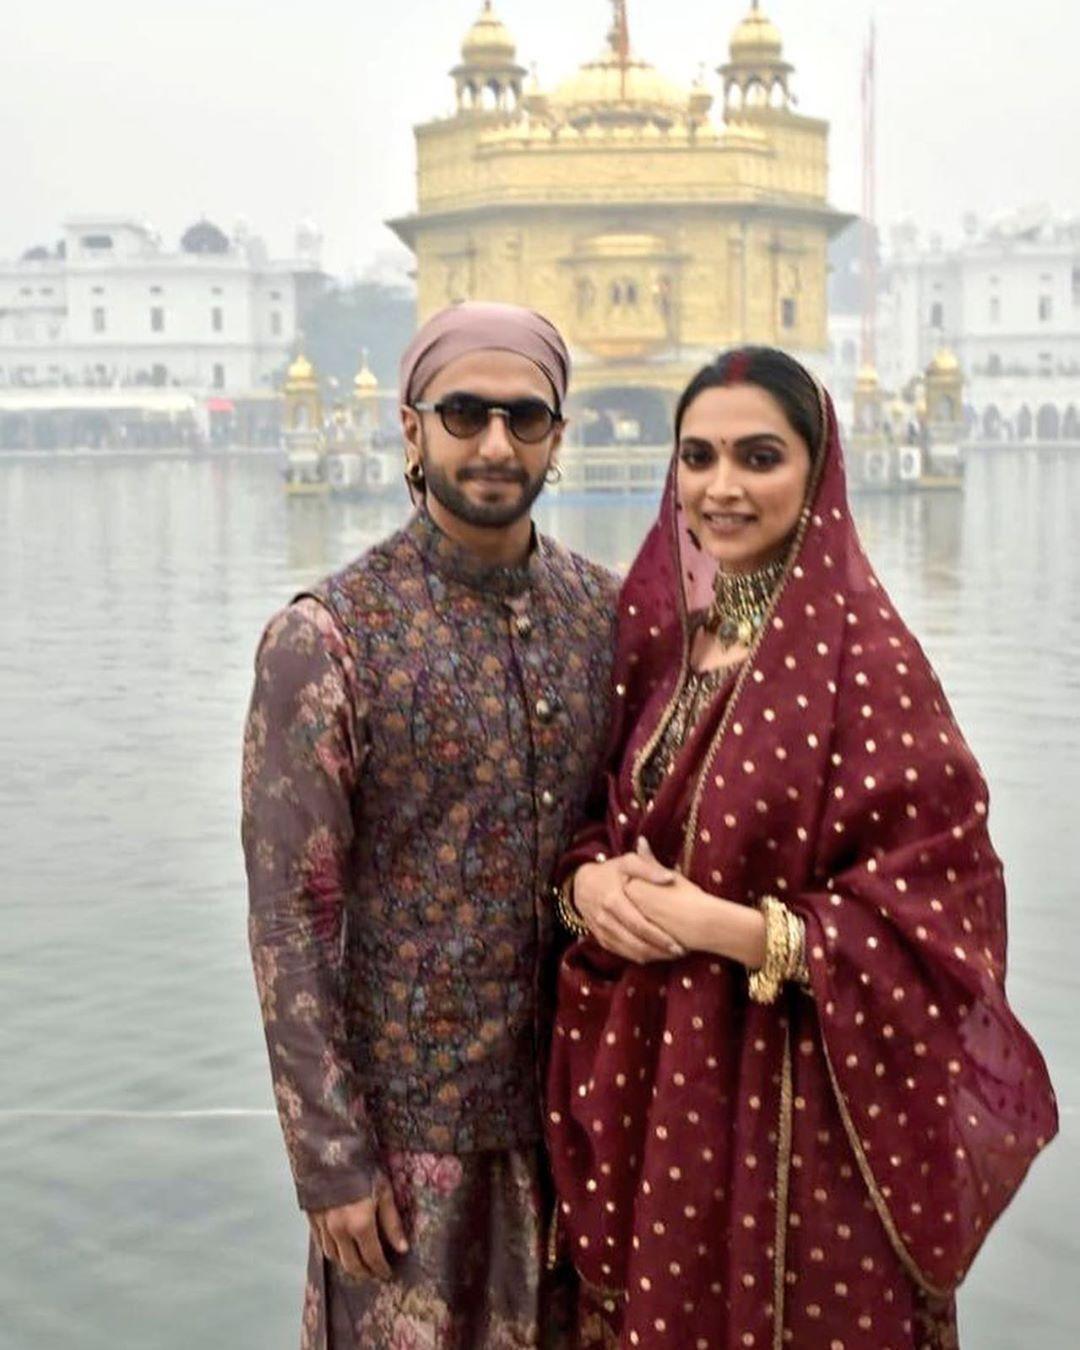 Deepika Padukone Ranveer Singh At The Golden Temple Amritsar Today Deepika Ranveer Ranveer Singh Deepika Padukone